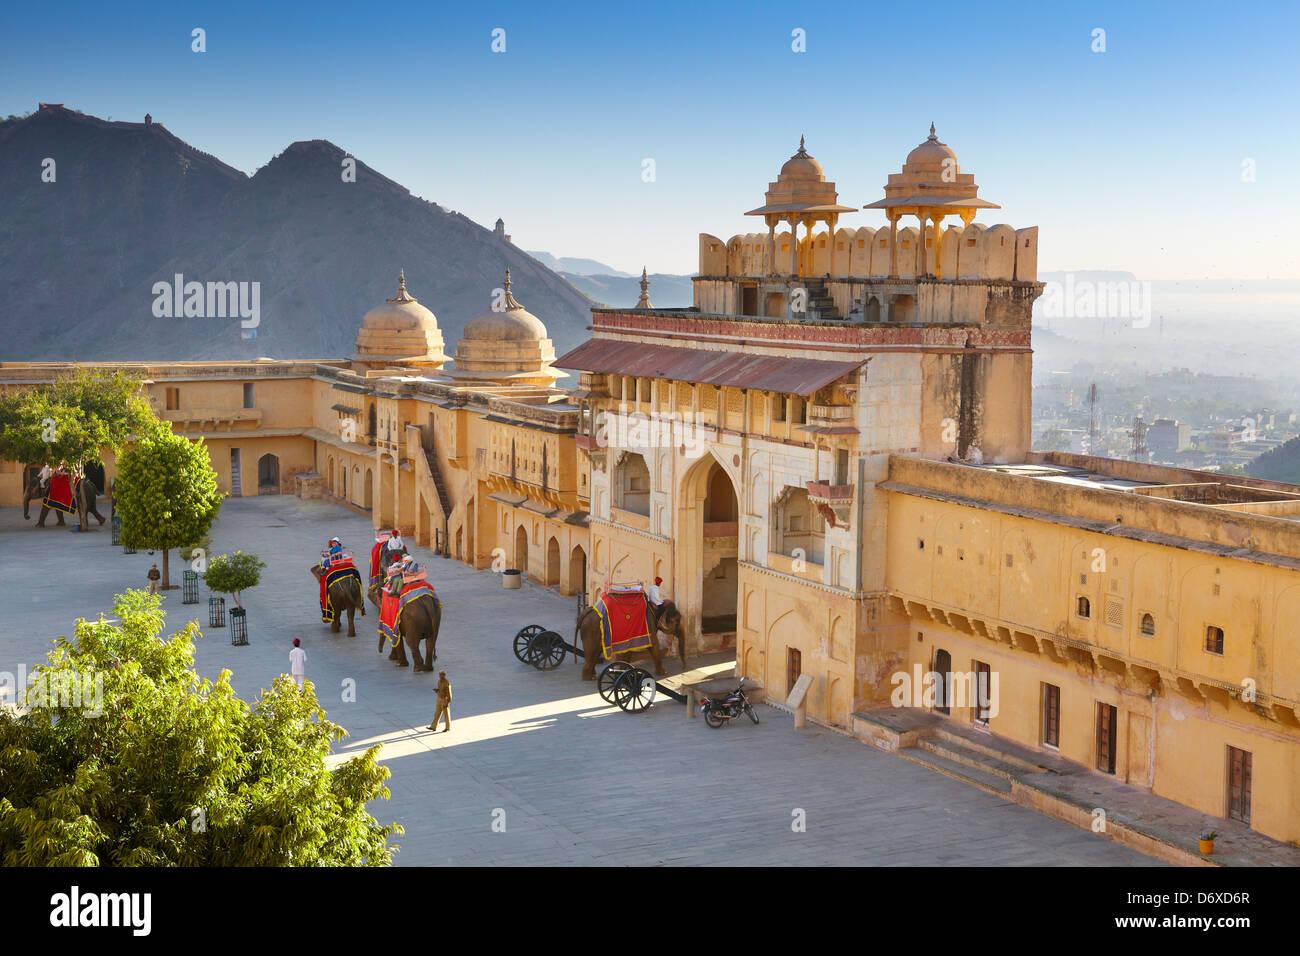 Amber Fort - paesaggio con gli elefanti sul Jaleb Chowk cortile e il cancello principale del Forte Amber, Jaipur, Immagini Stock